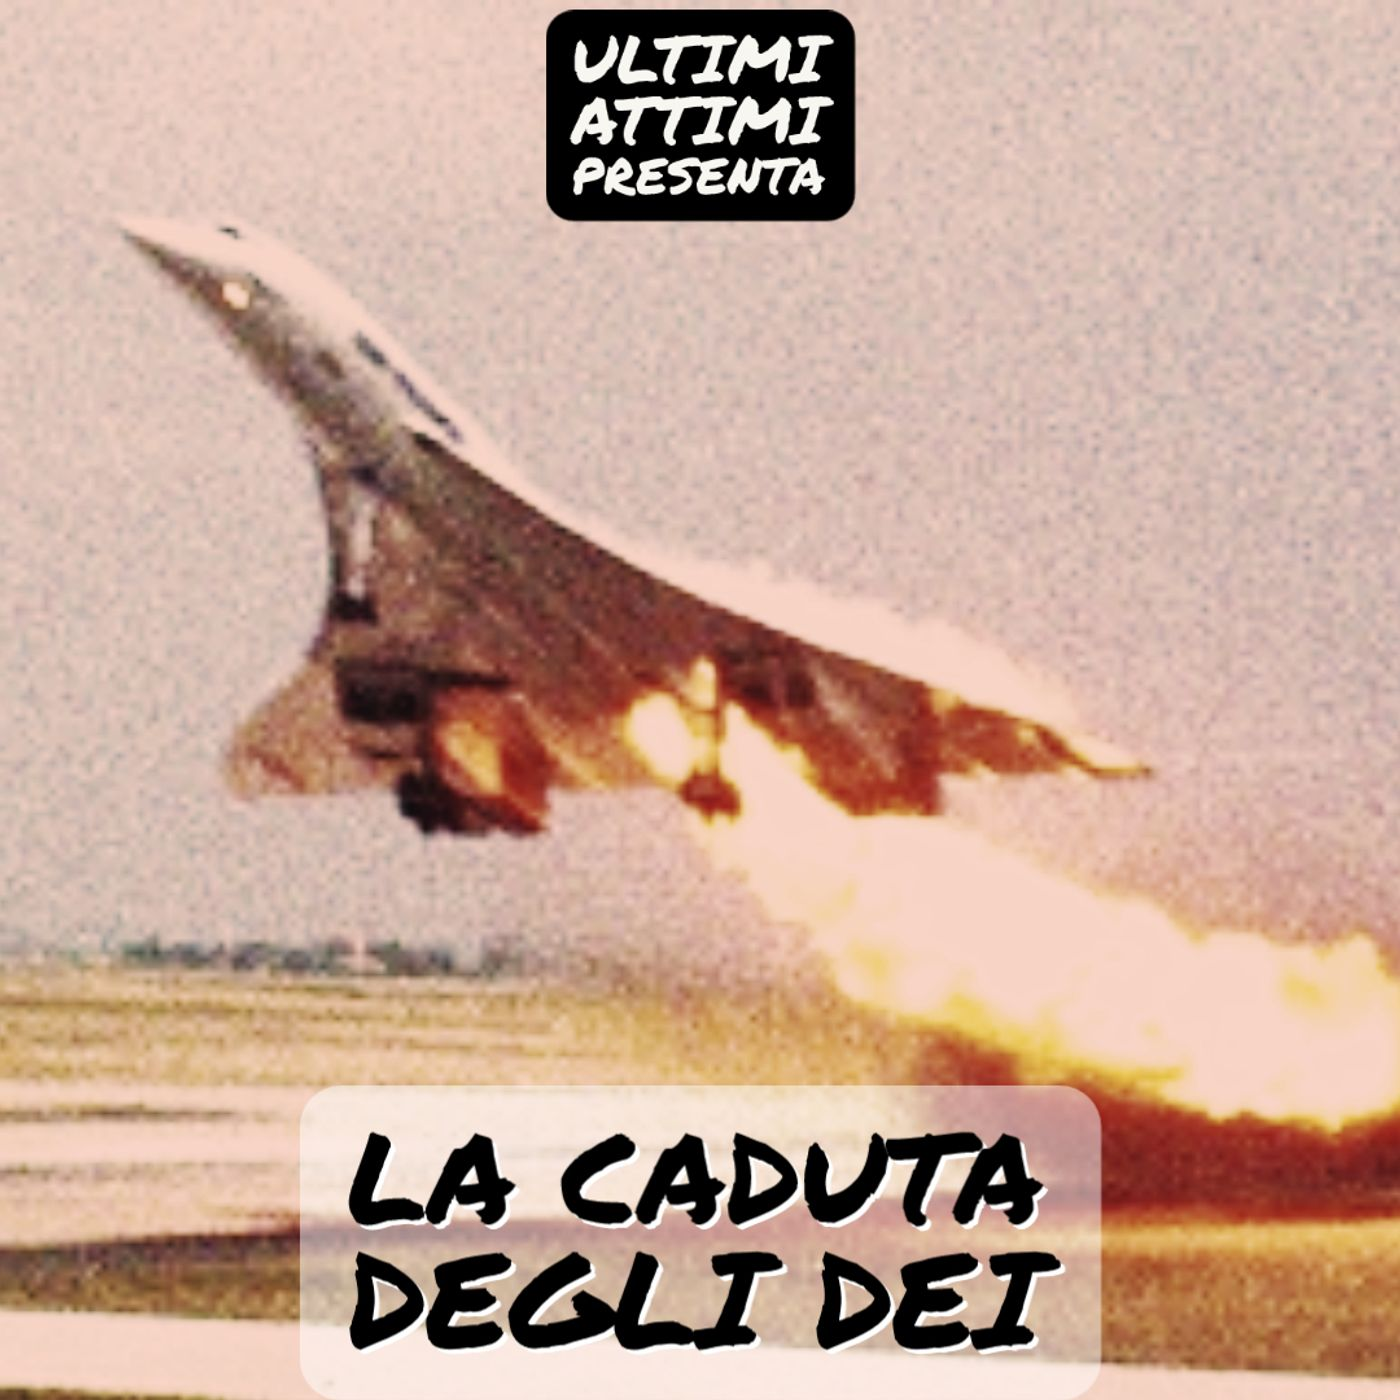 La Caduta degli Dei - Volo AirFrance 4590